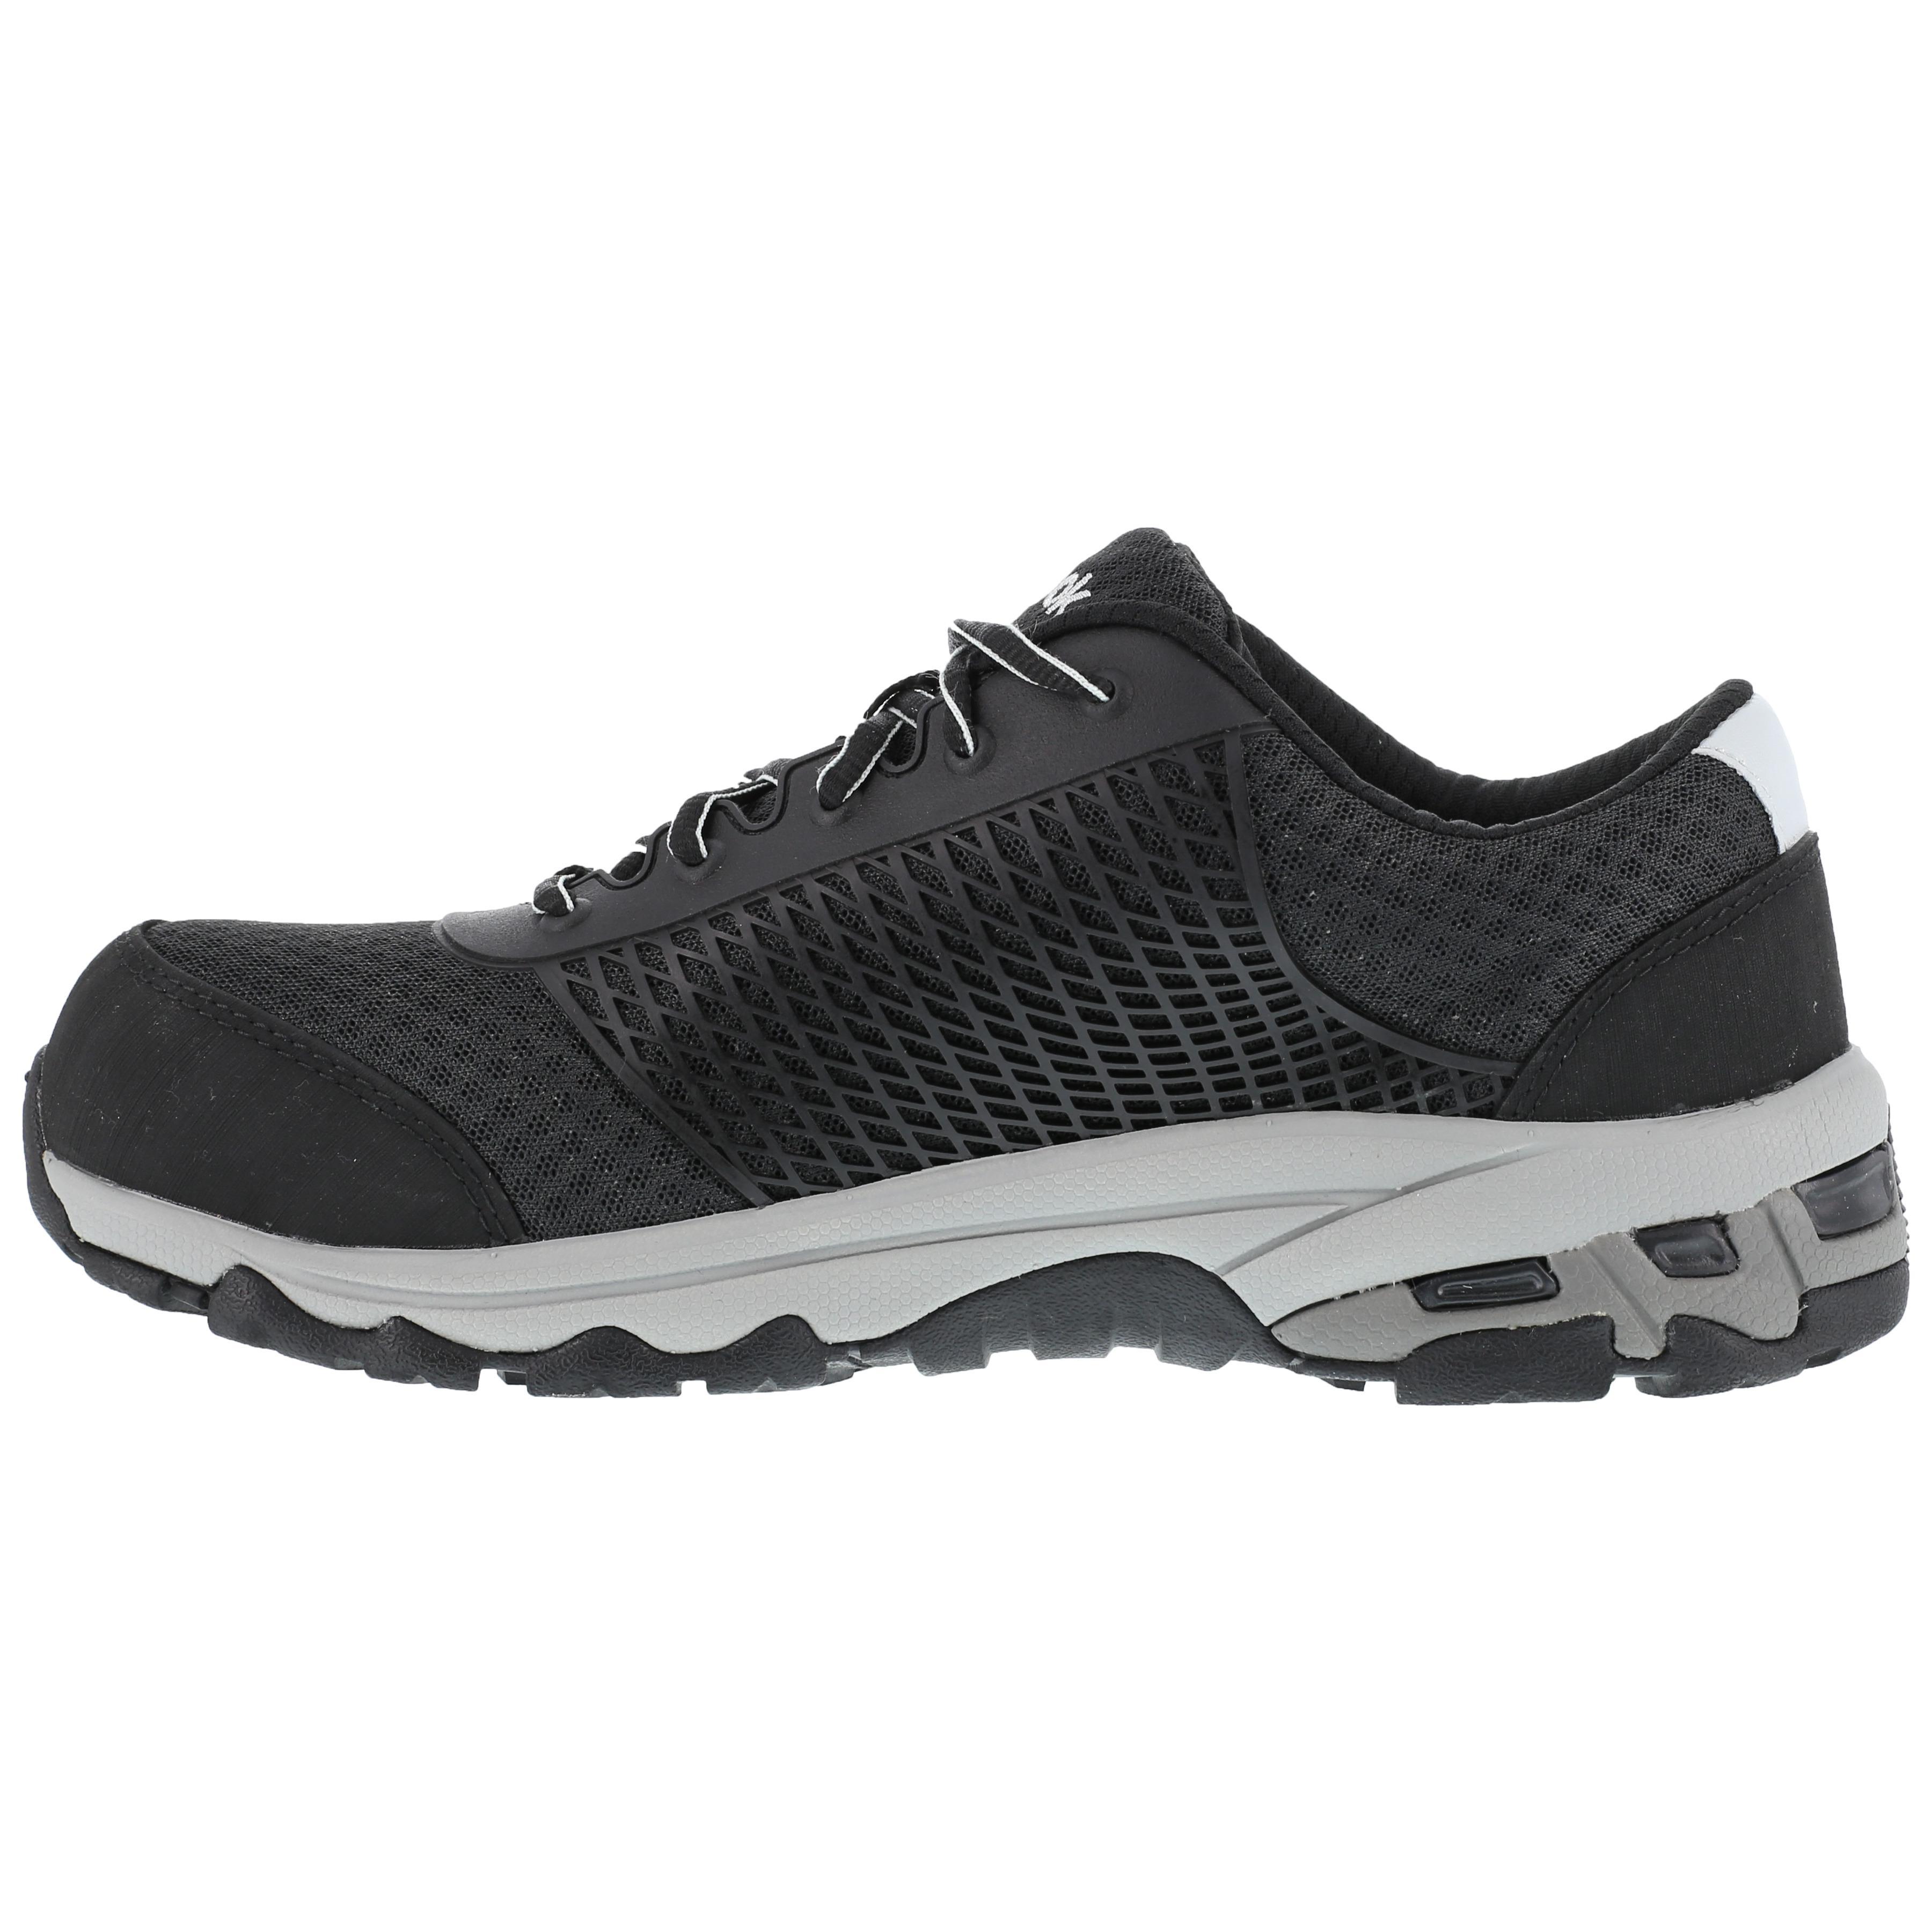 Black Composite Toe SD Work Athletic Shoe Reebok Heckler